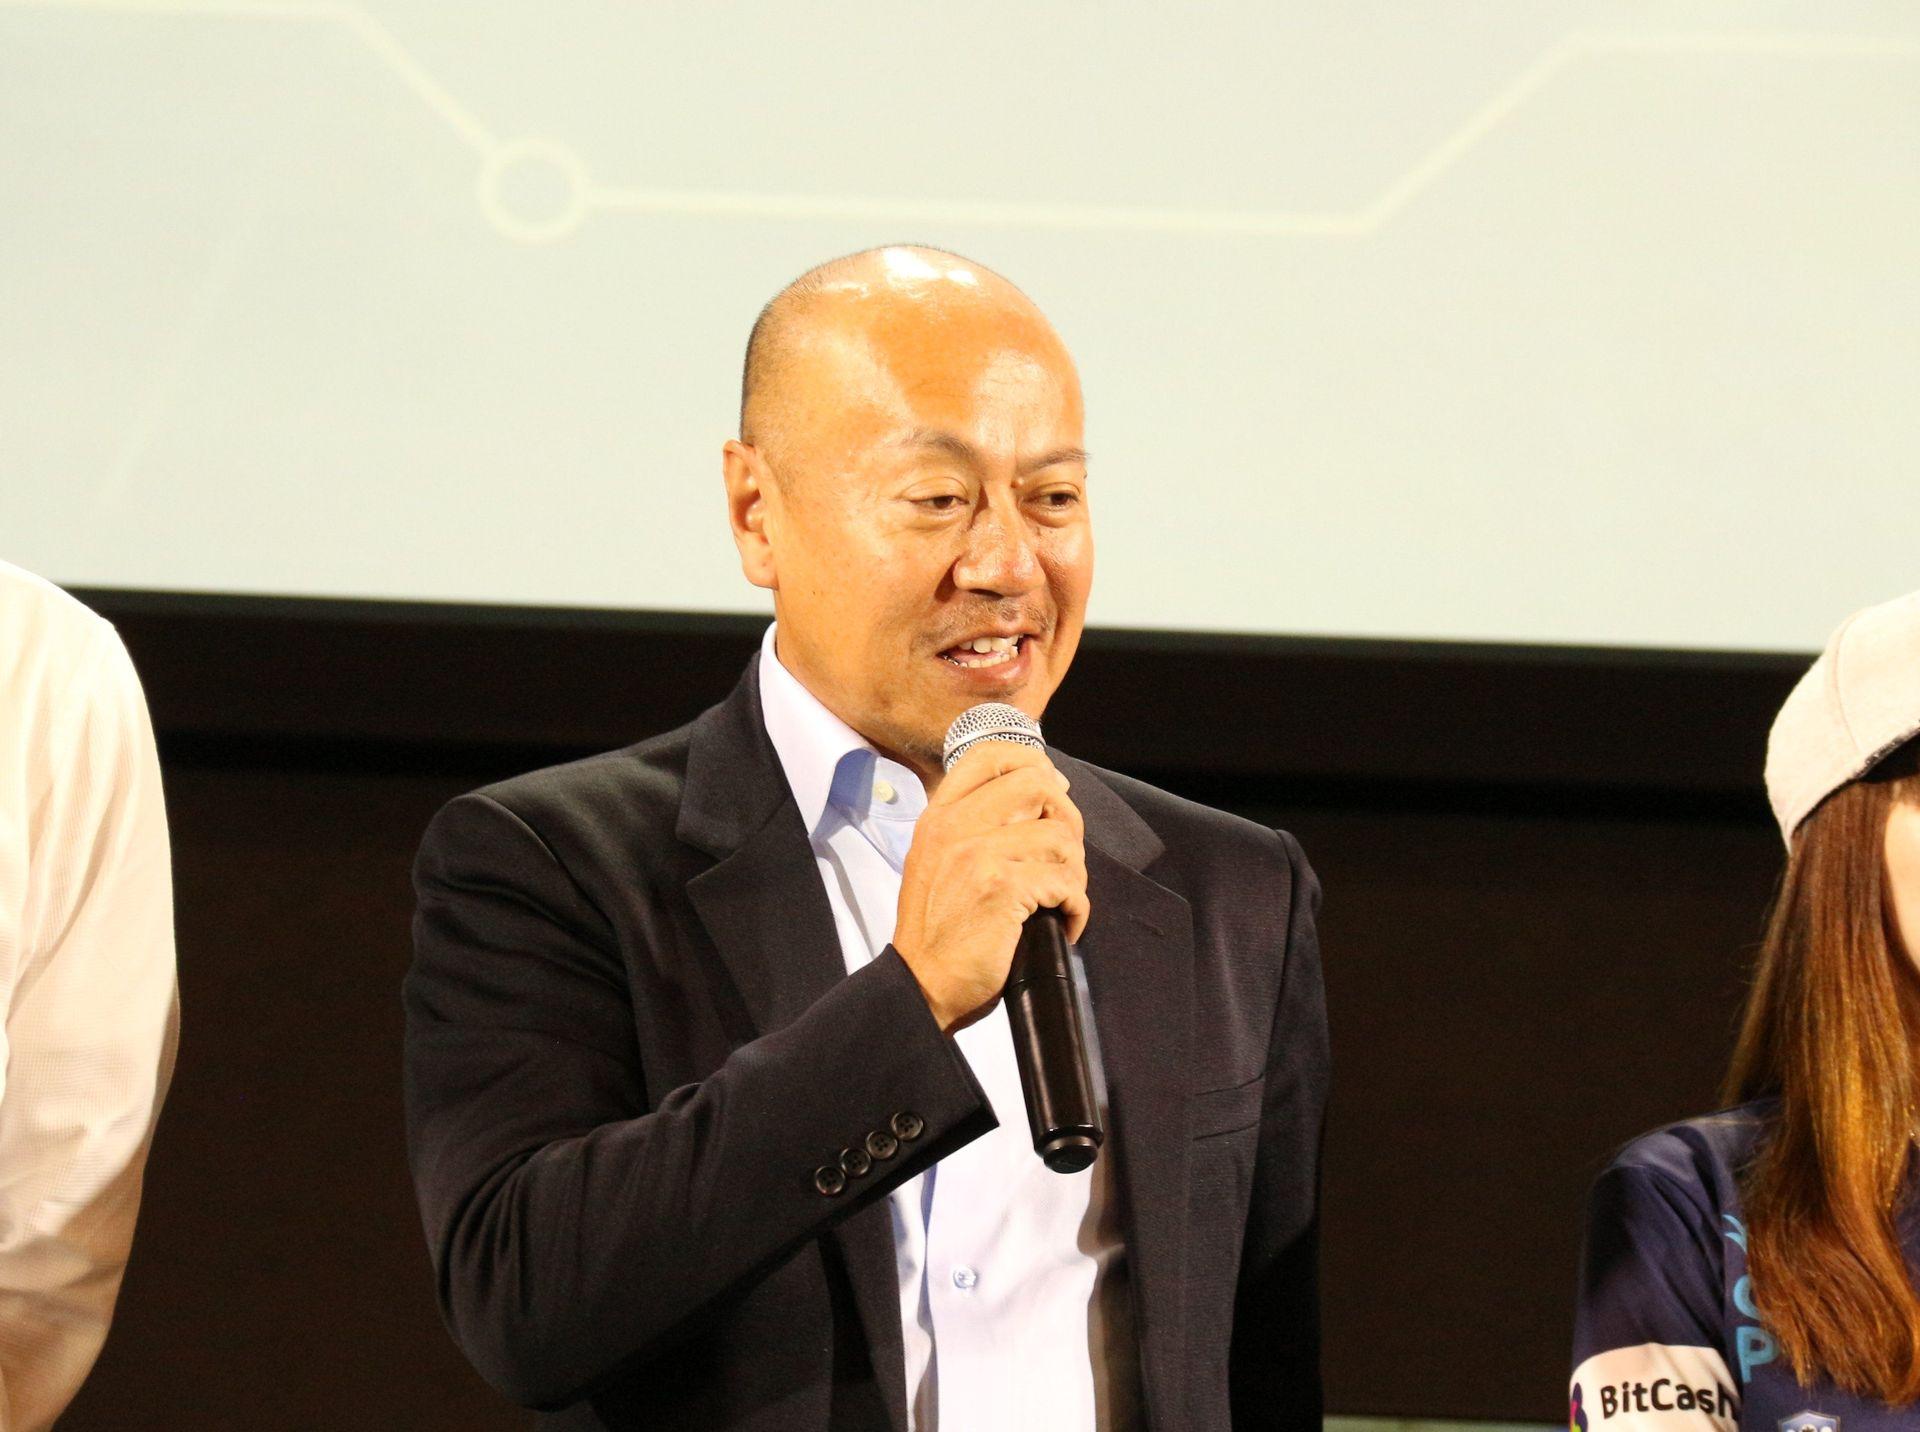 eスポーツをビジネスとして大きなビジョンを語る伊草氏